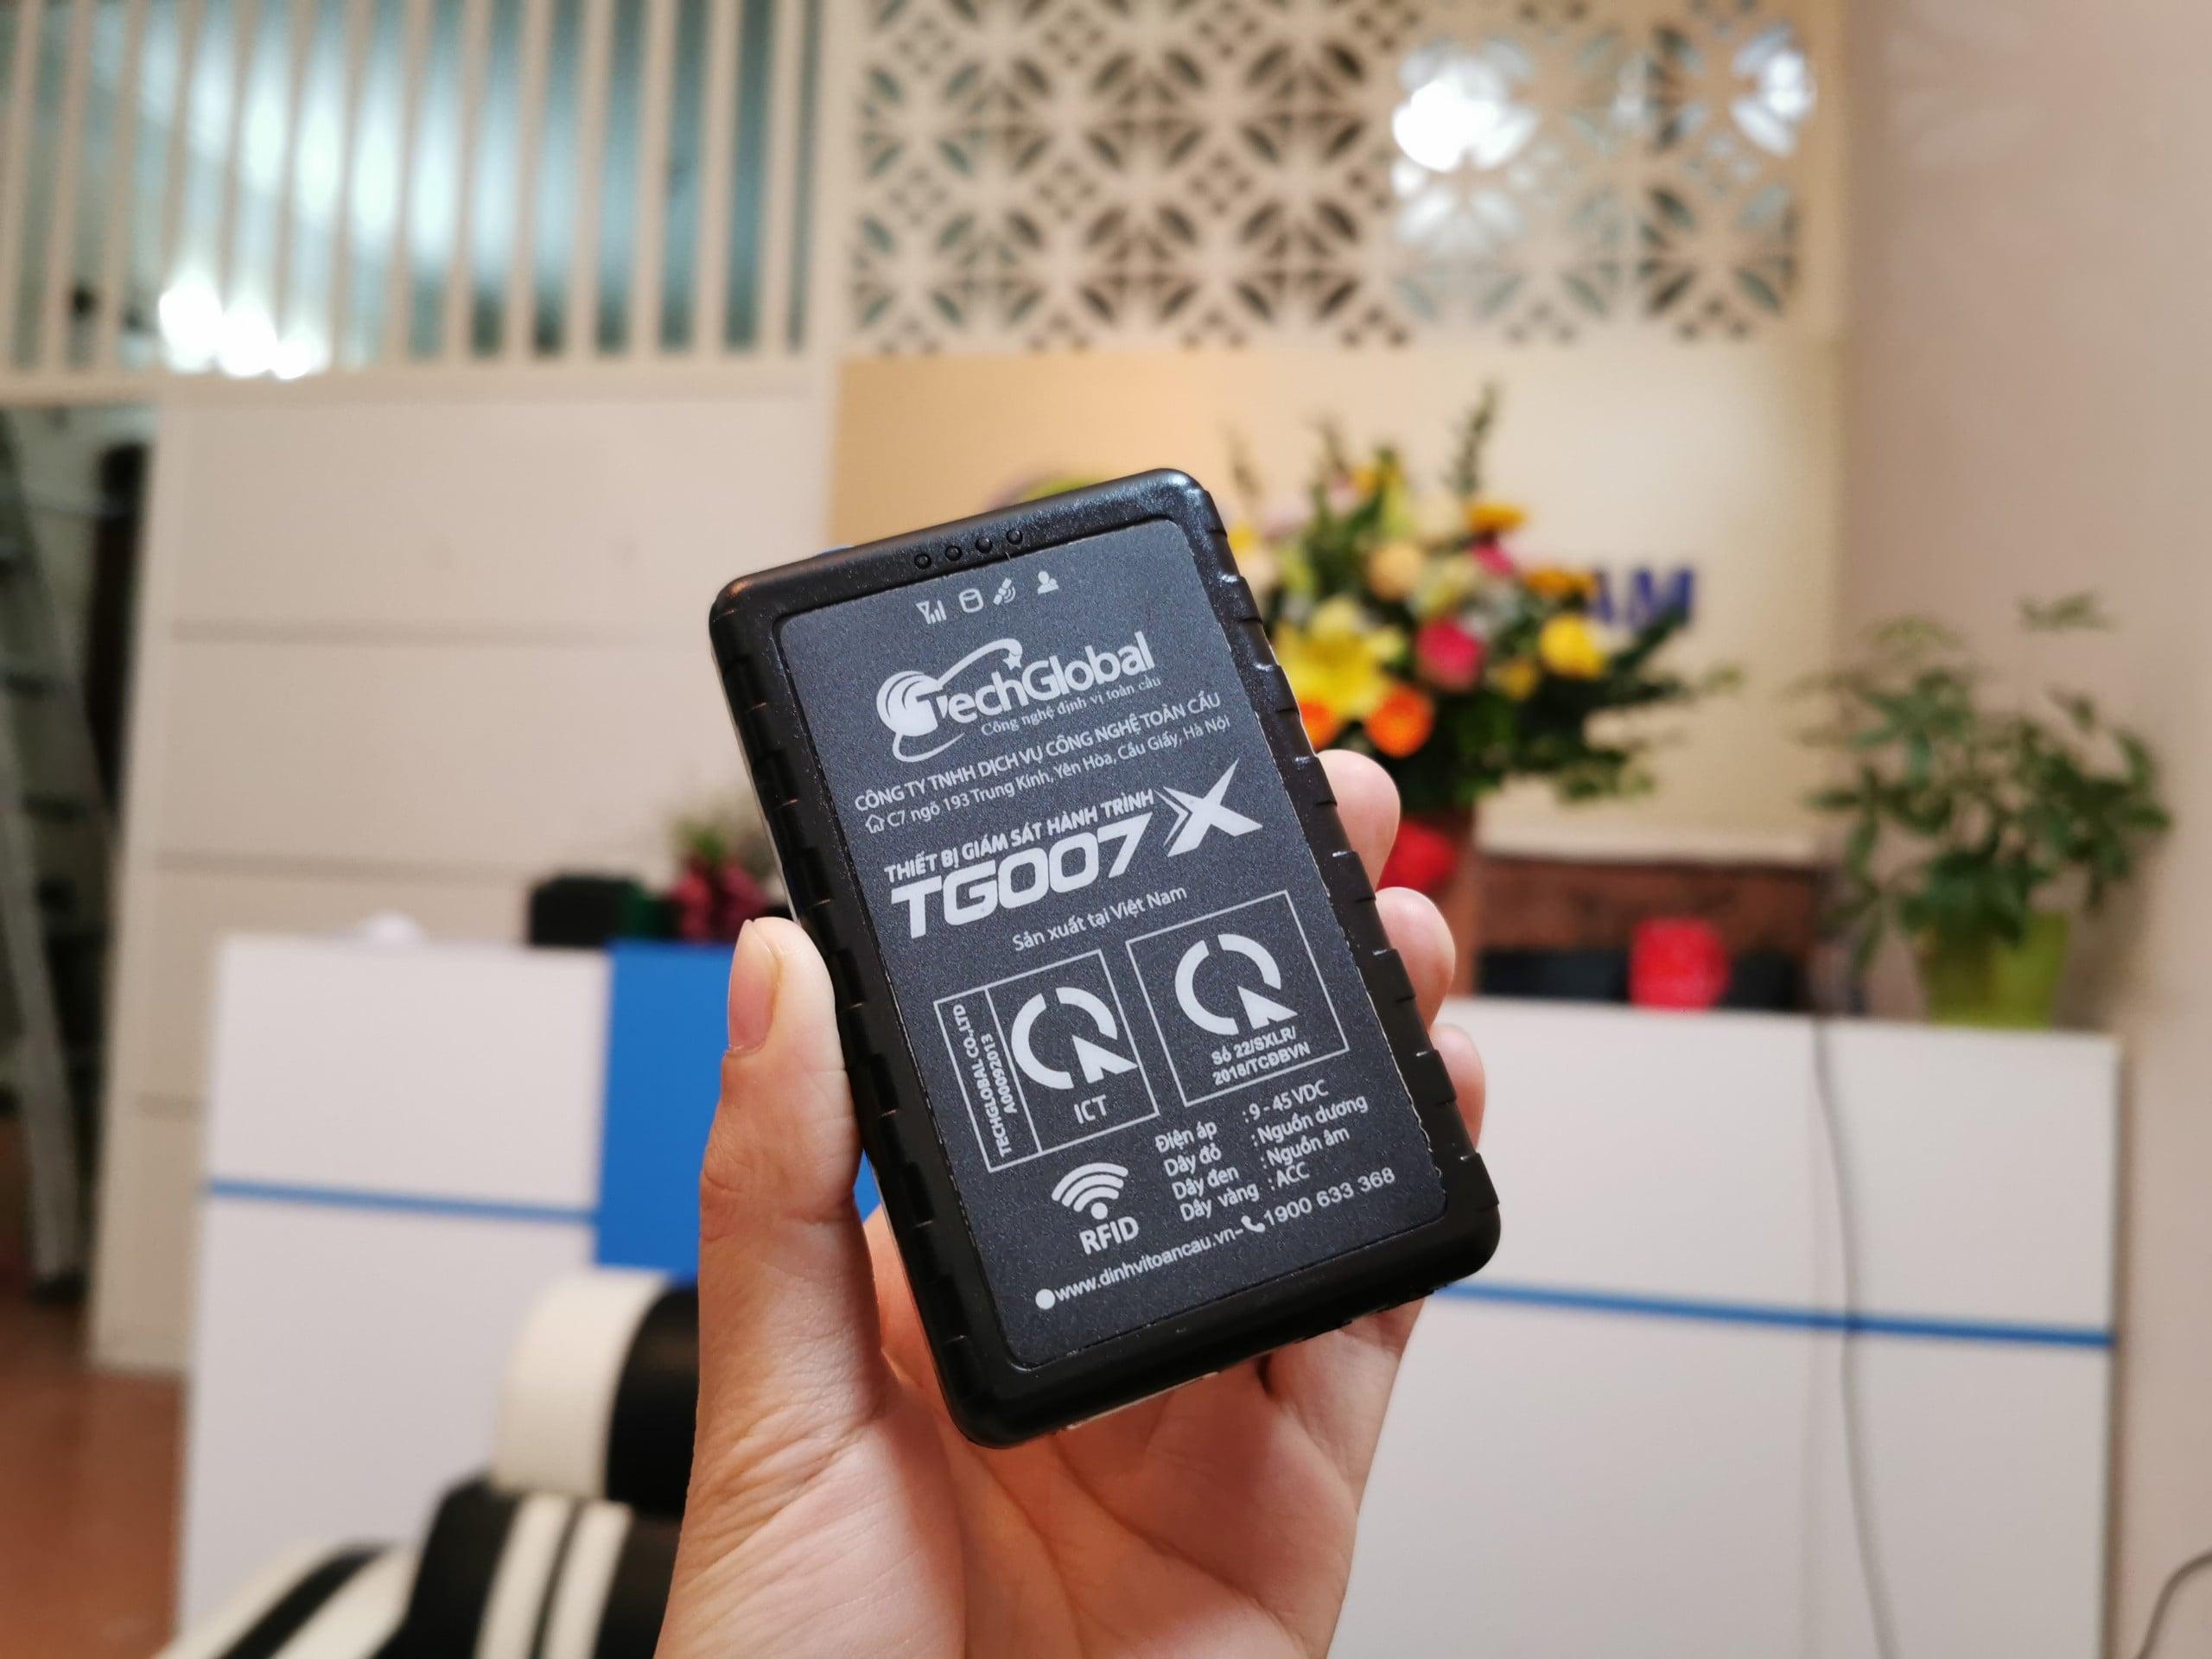 thiết bị định vị - giám sát hành trình hợp chuẩn bộ giao thông vận tải tg007x